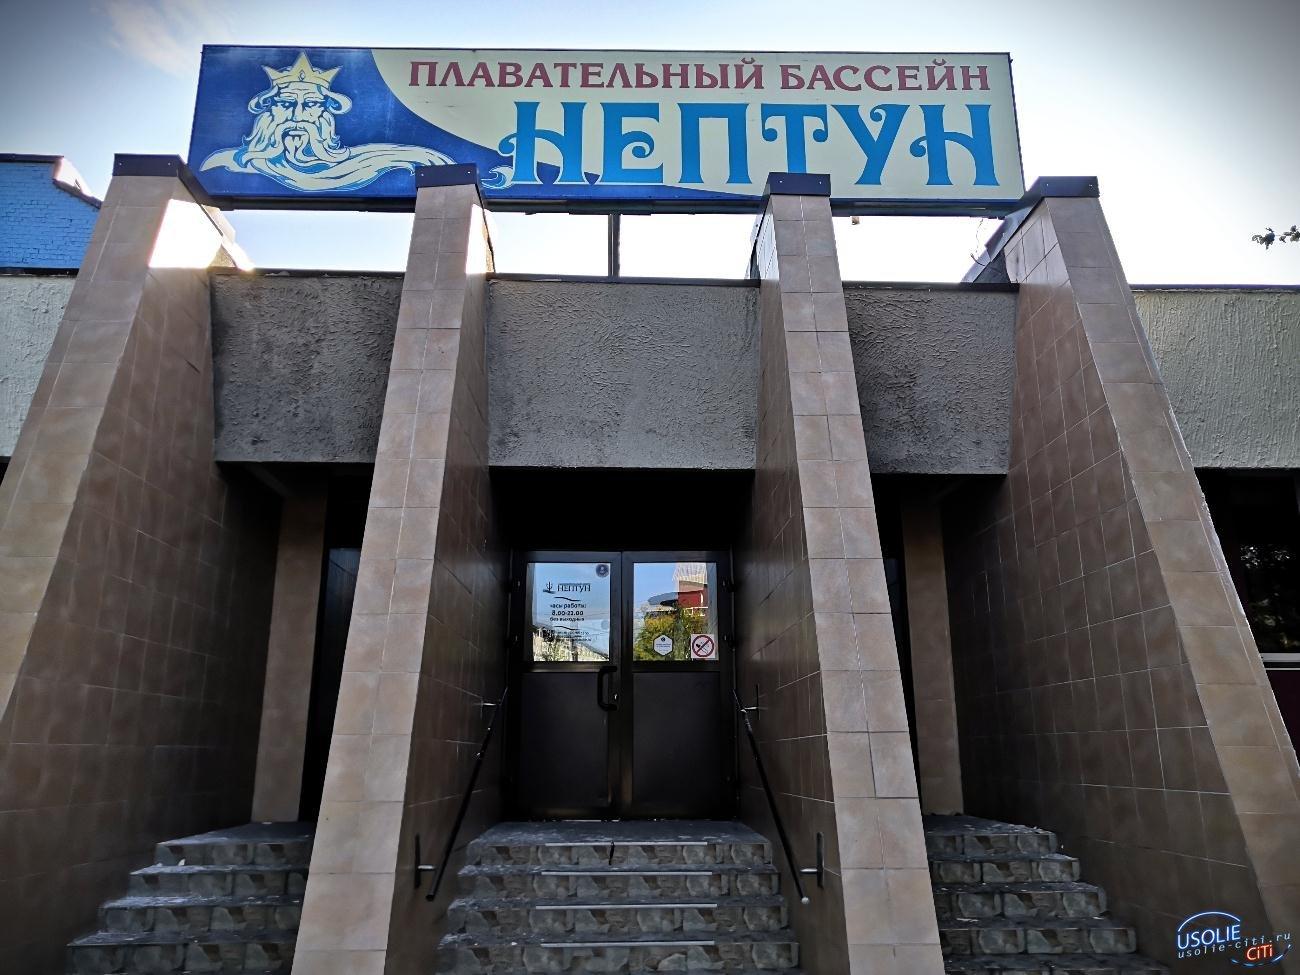 Голубой Нептун. Кафе на крыше и турецкая баня